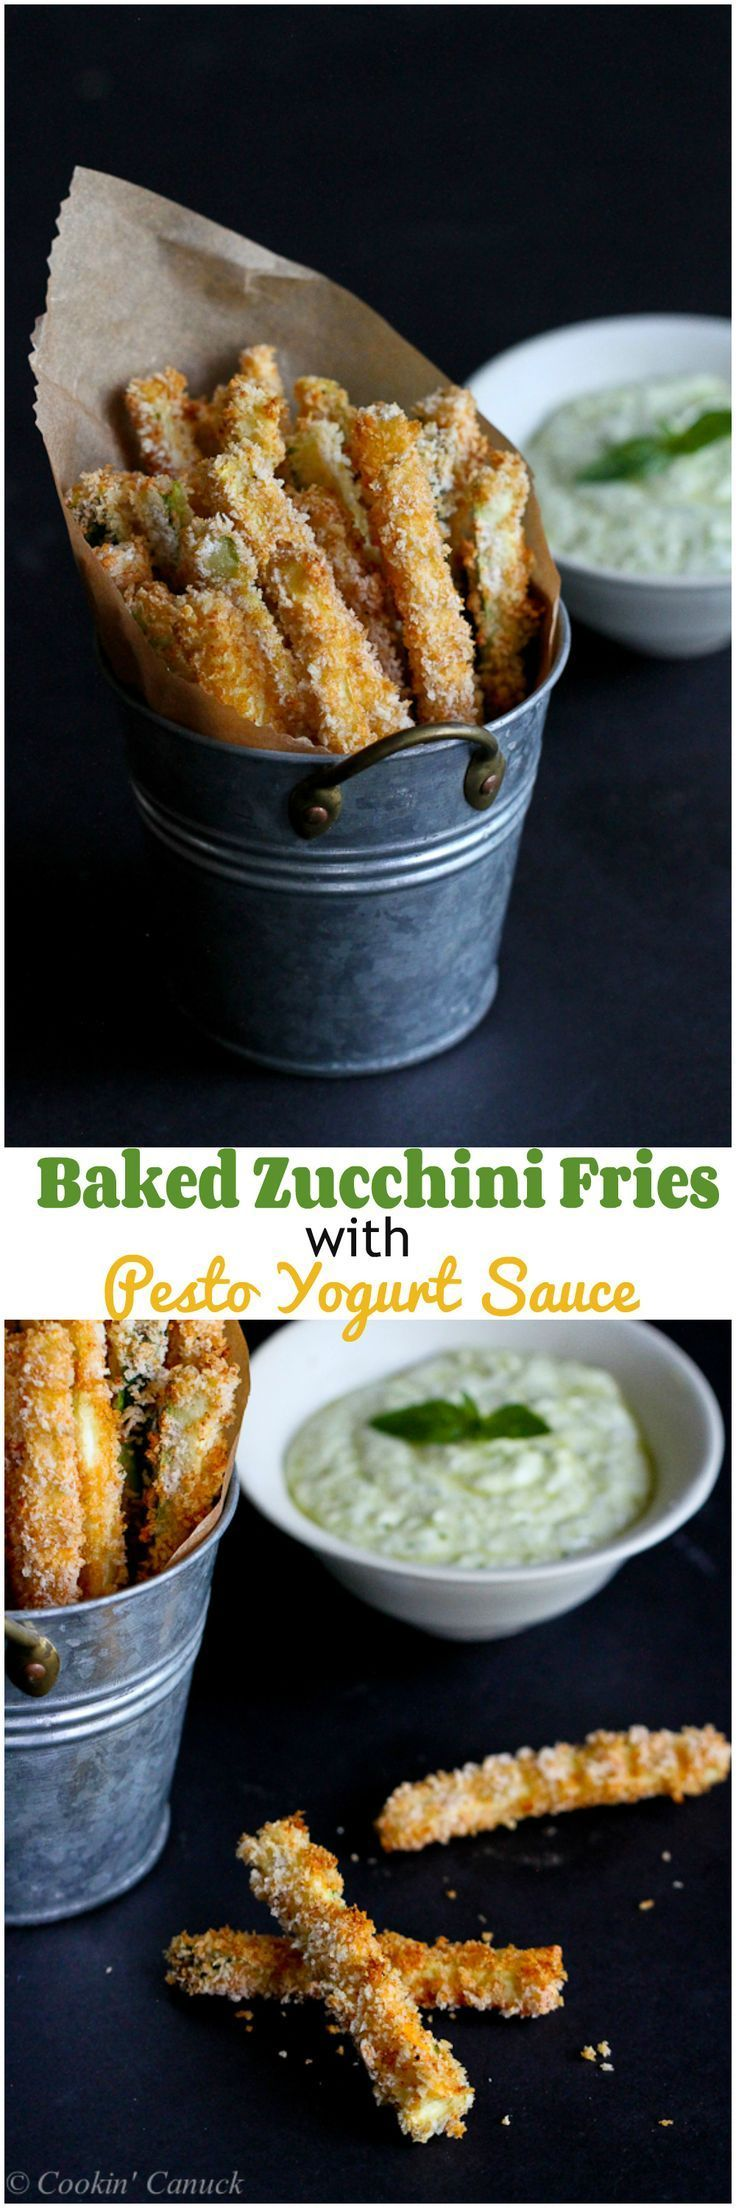 Baked Zucchini Fries with Pesto Yogurt Dipping Sauce Recipe